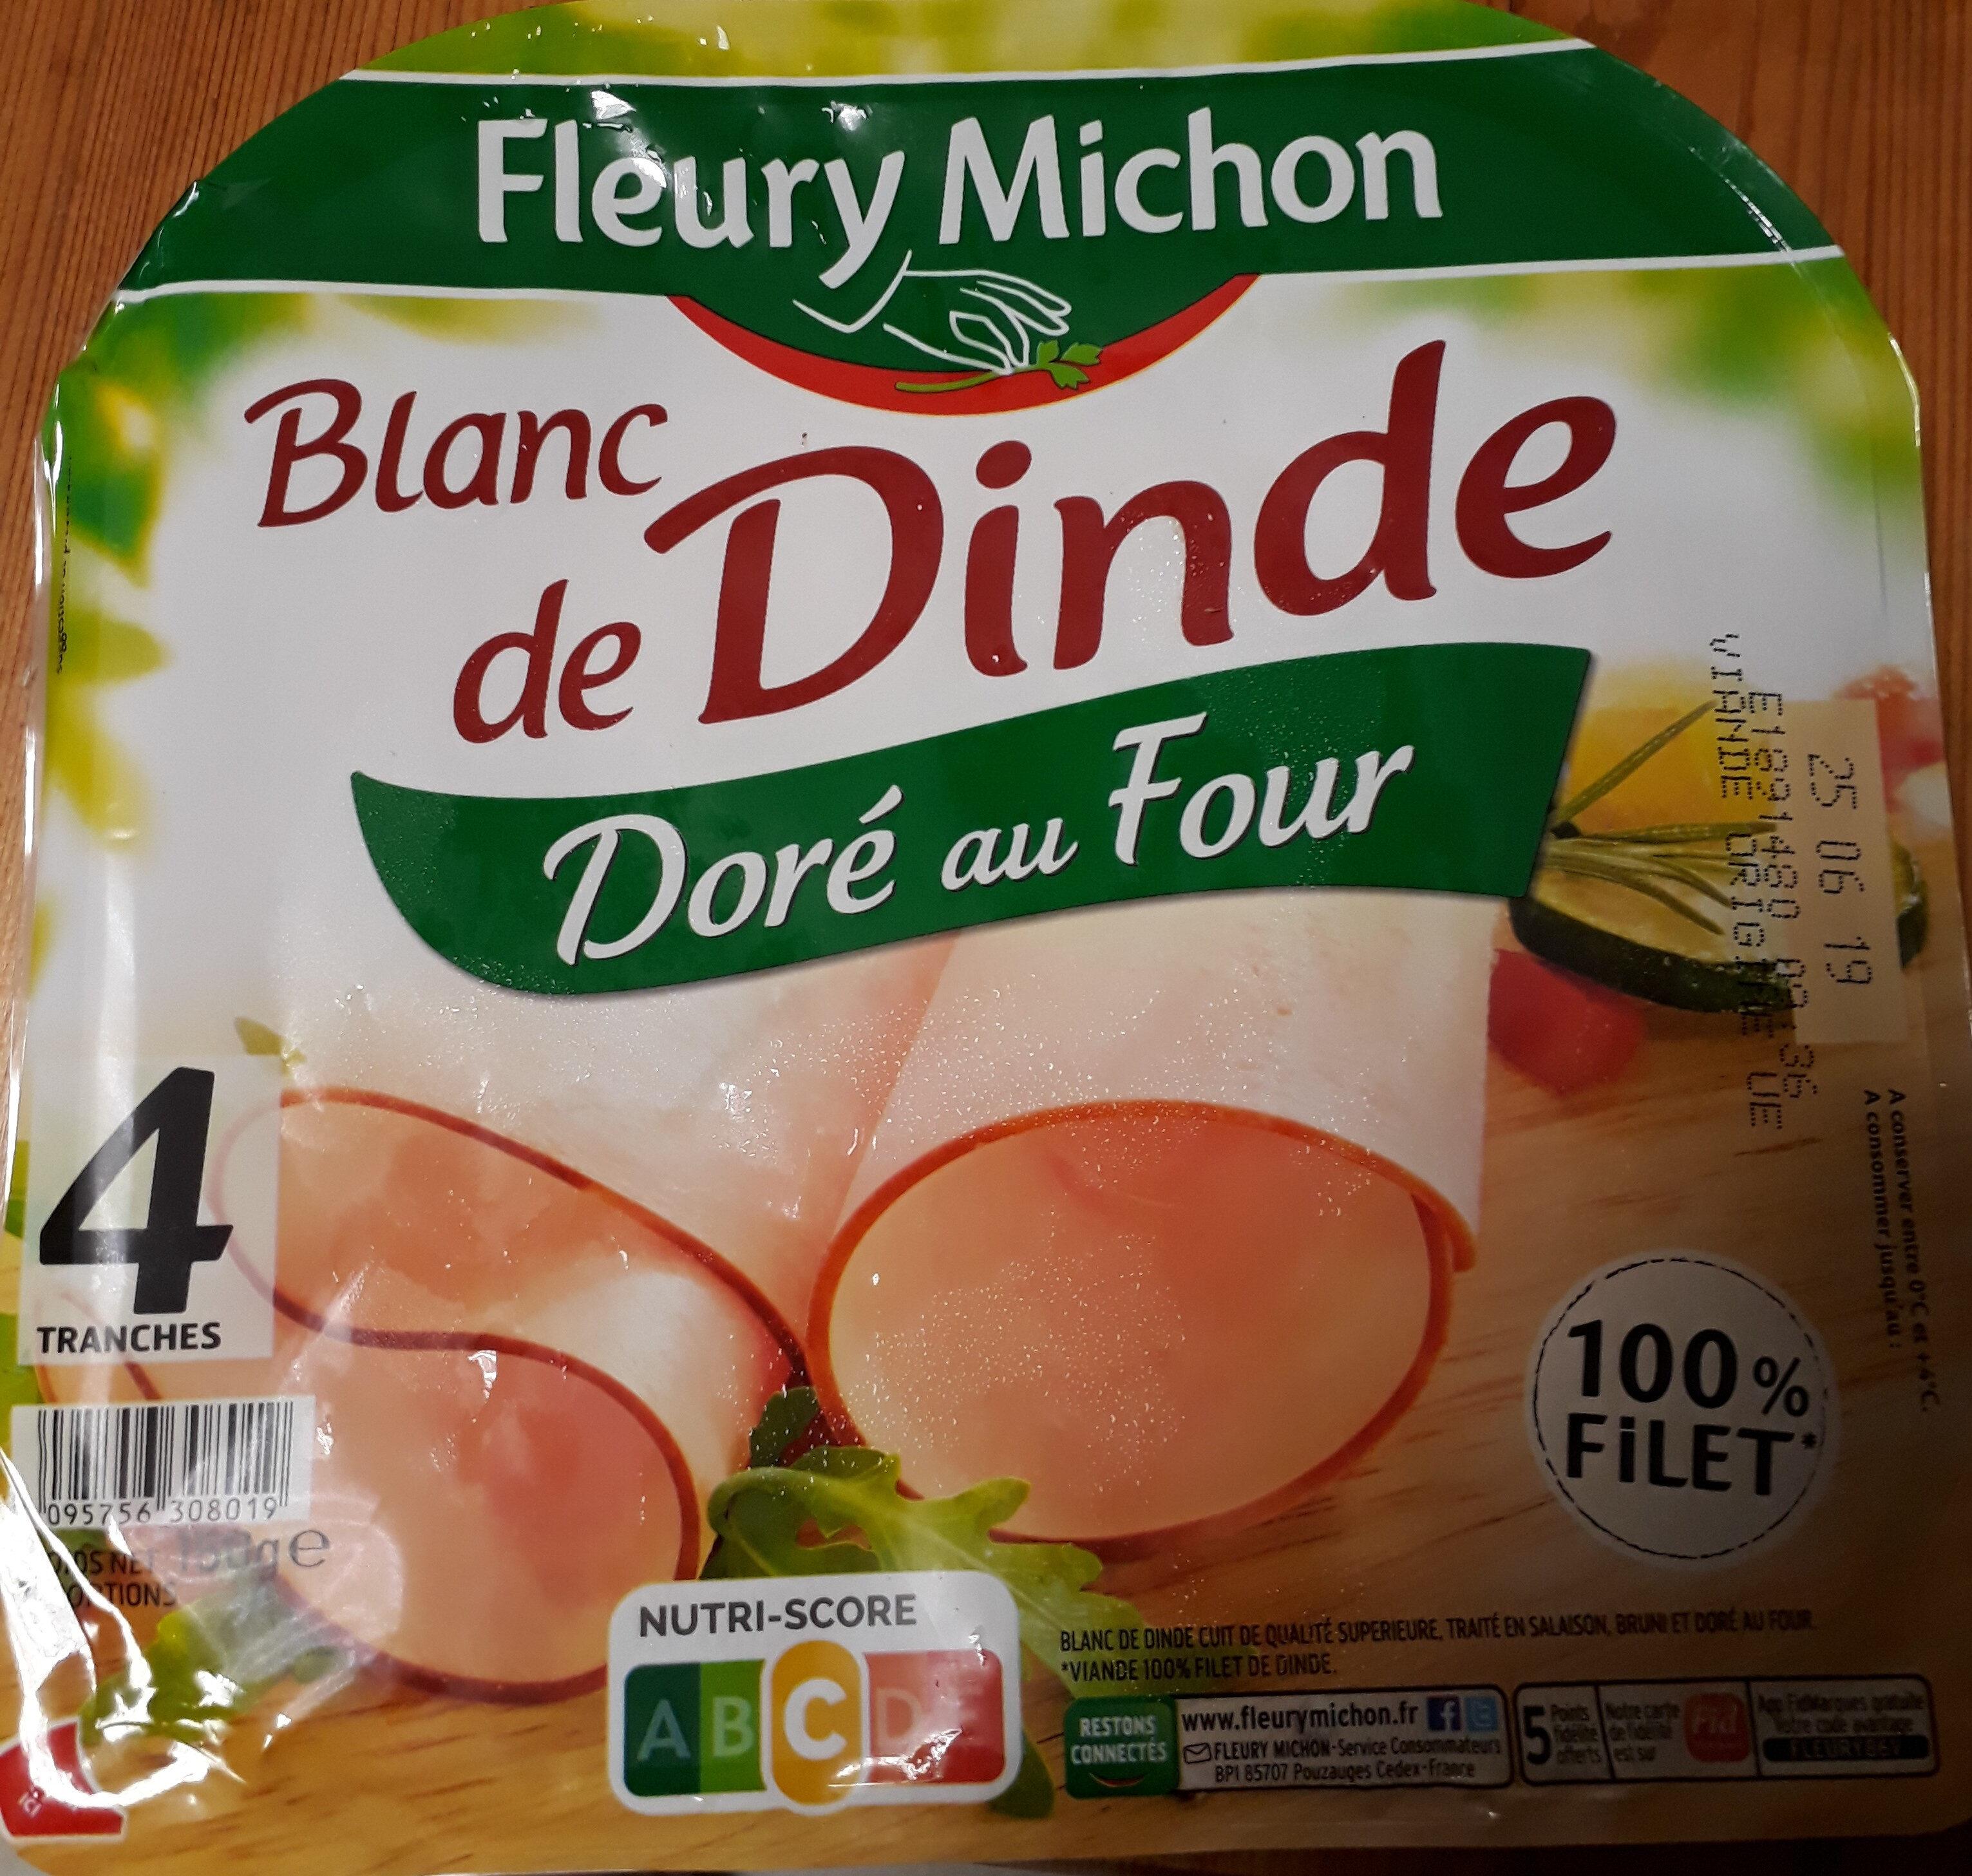 blanc de dinde doré au four - Product